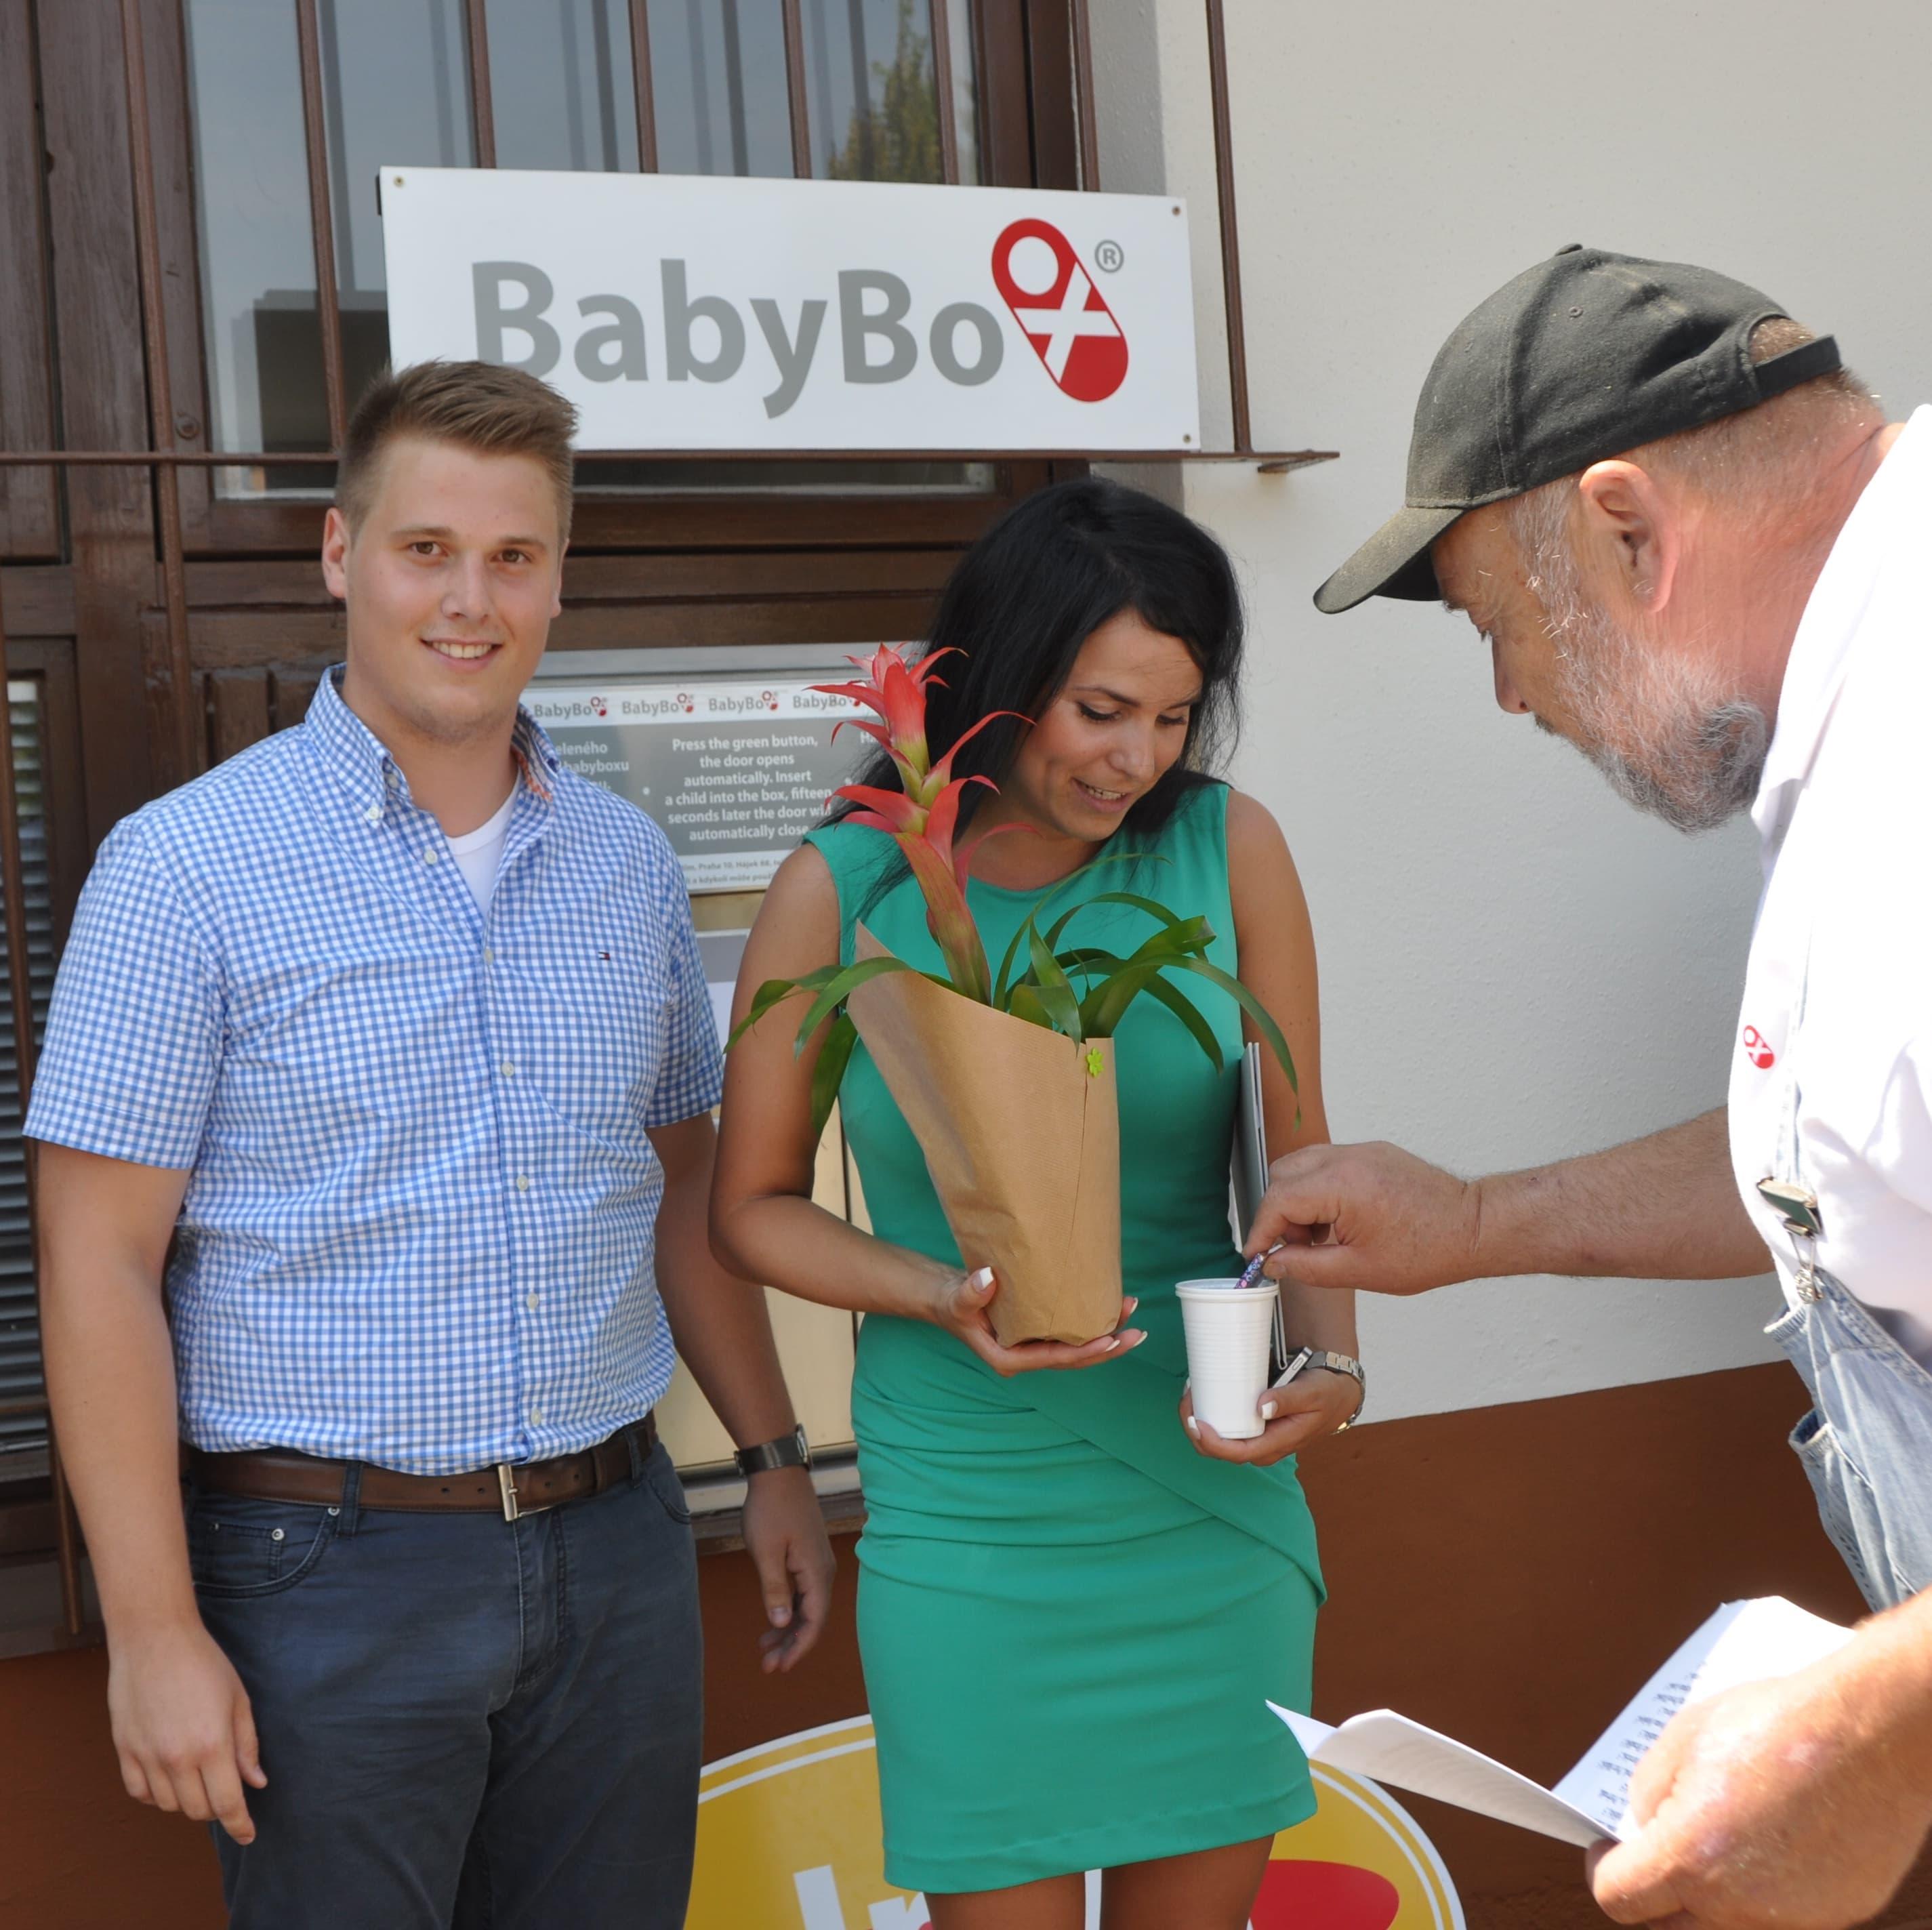 Otevření babyboxu